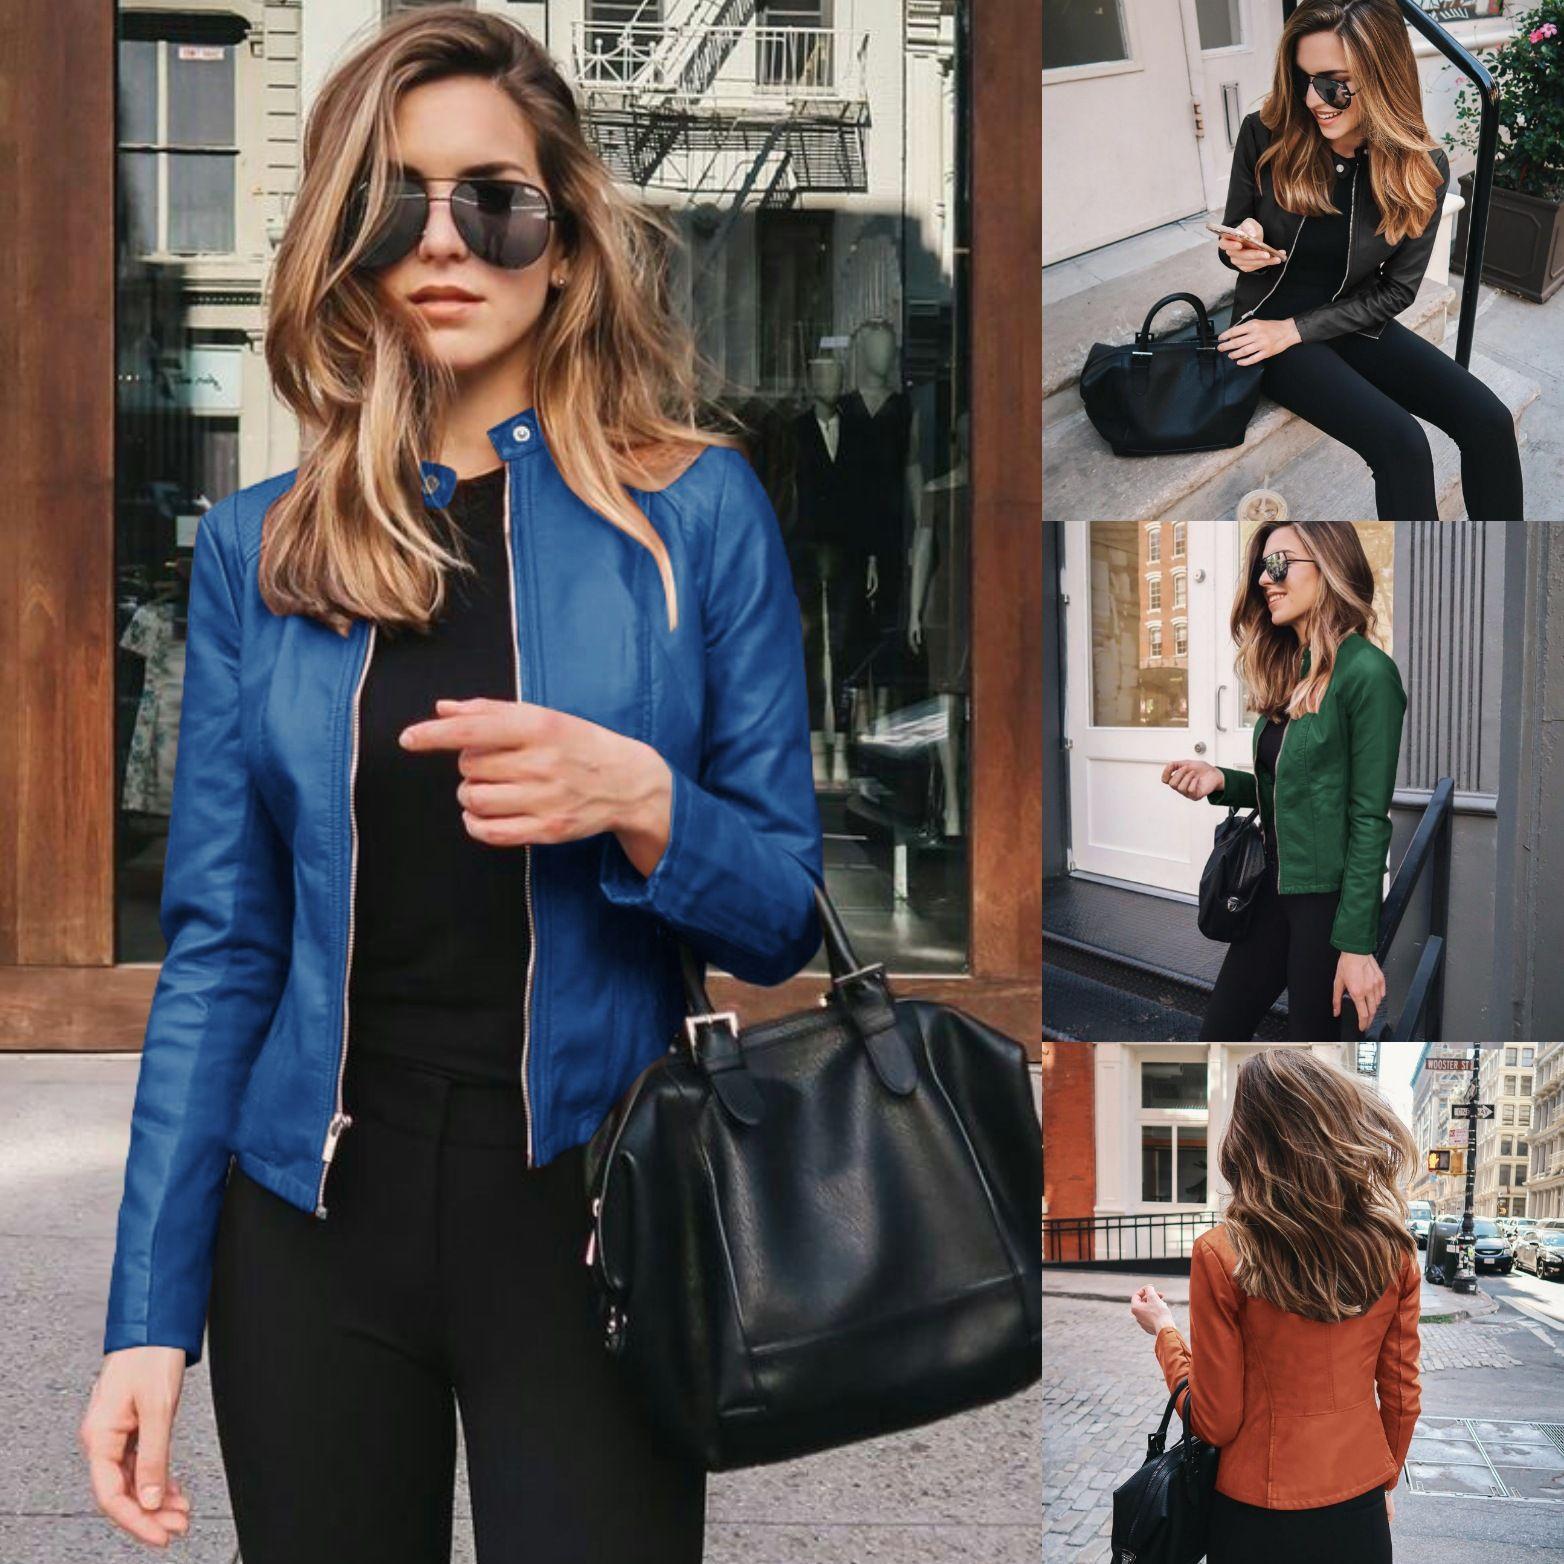 Оптом!!! 2020 новый продукт горячая куртка женская мода кожа PU блейзер куртка